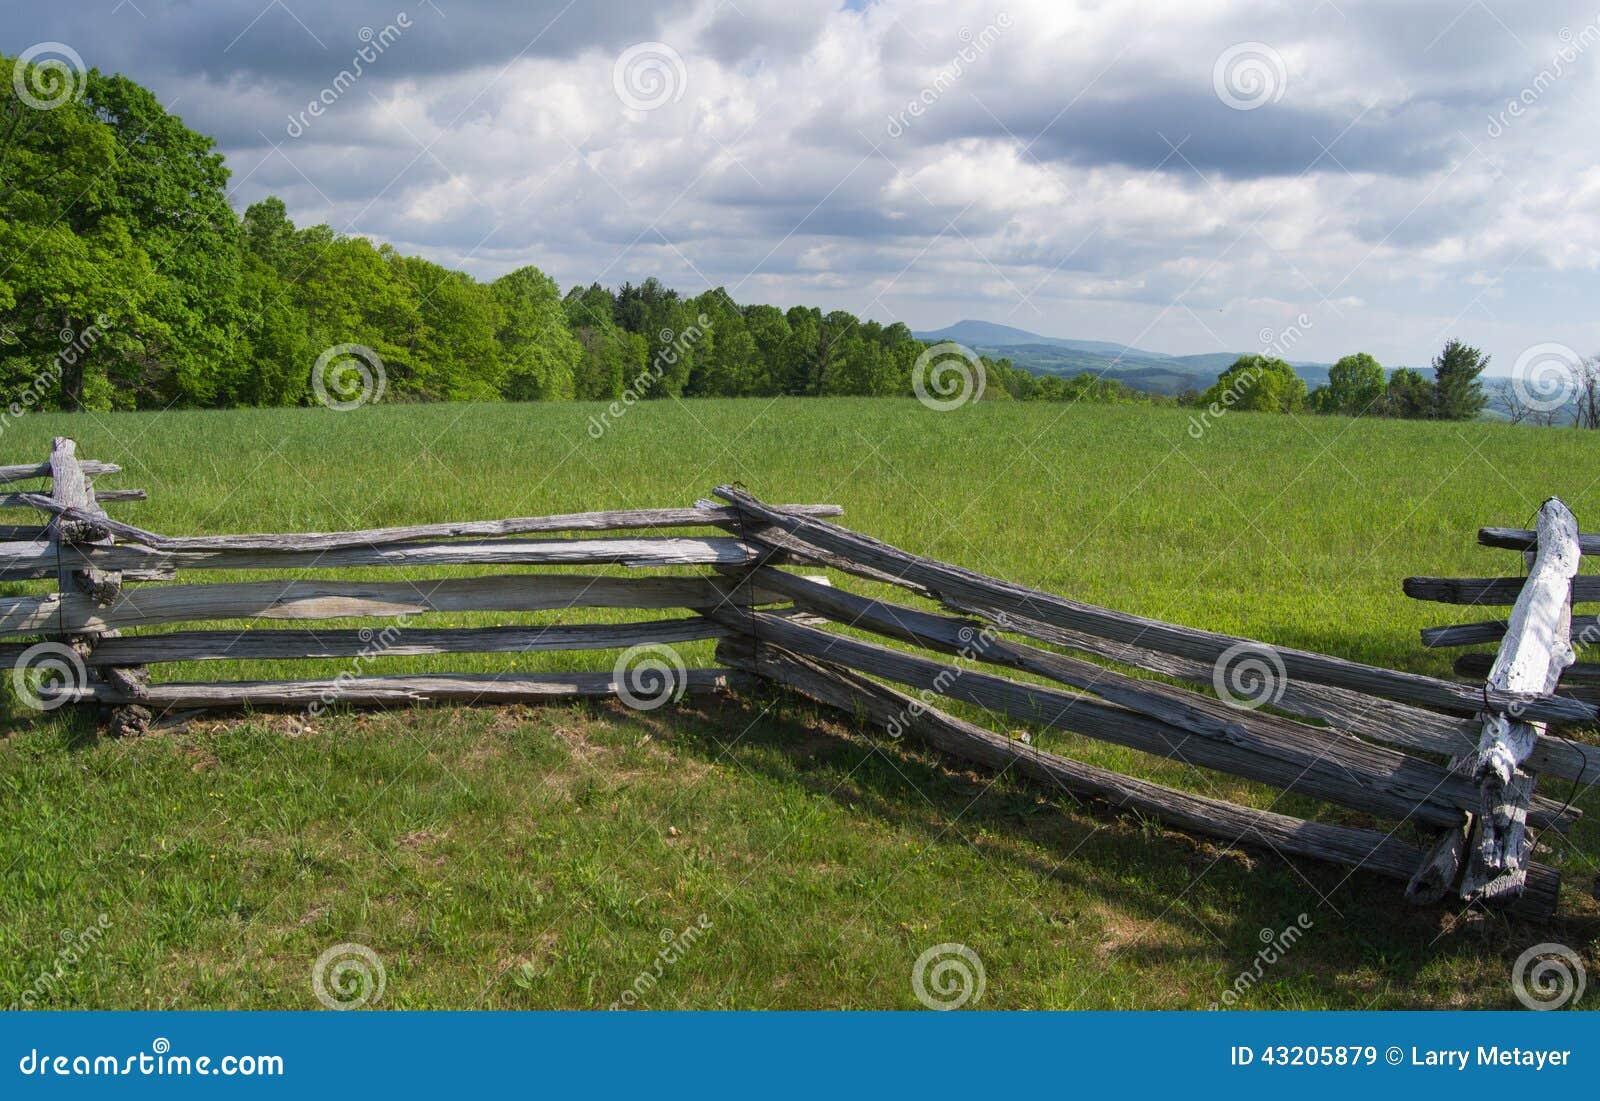 Download Sikt Från Det Groundhog Berget - Blåa Ridge Parkway, Virginia, USA Fotografering för Bildbyråer - Bild av leaf, undersök: 43205879